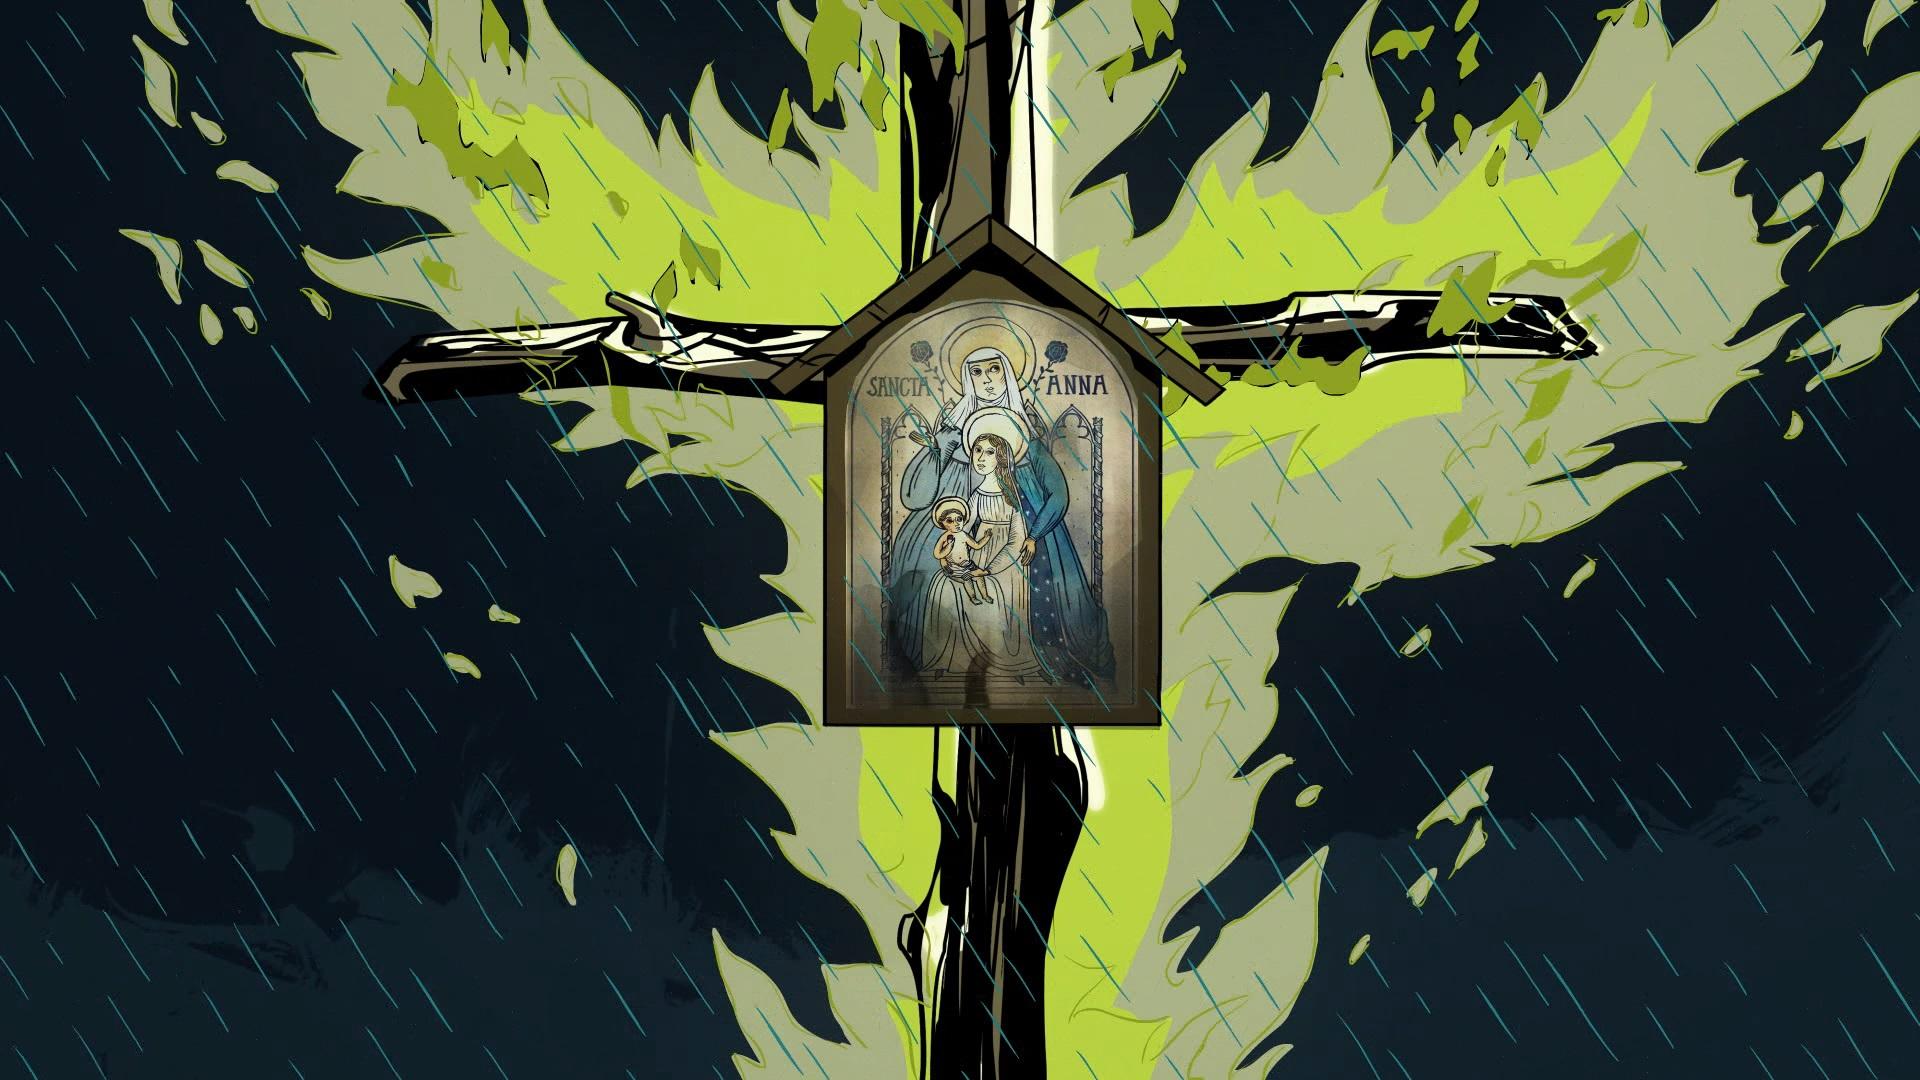 Liuteris filmukas audra 2 Sv. Ona